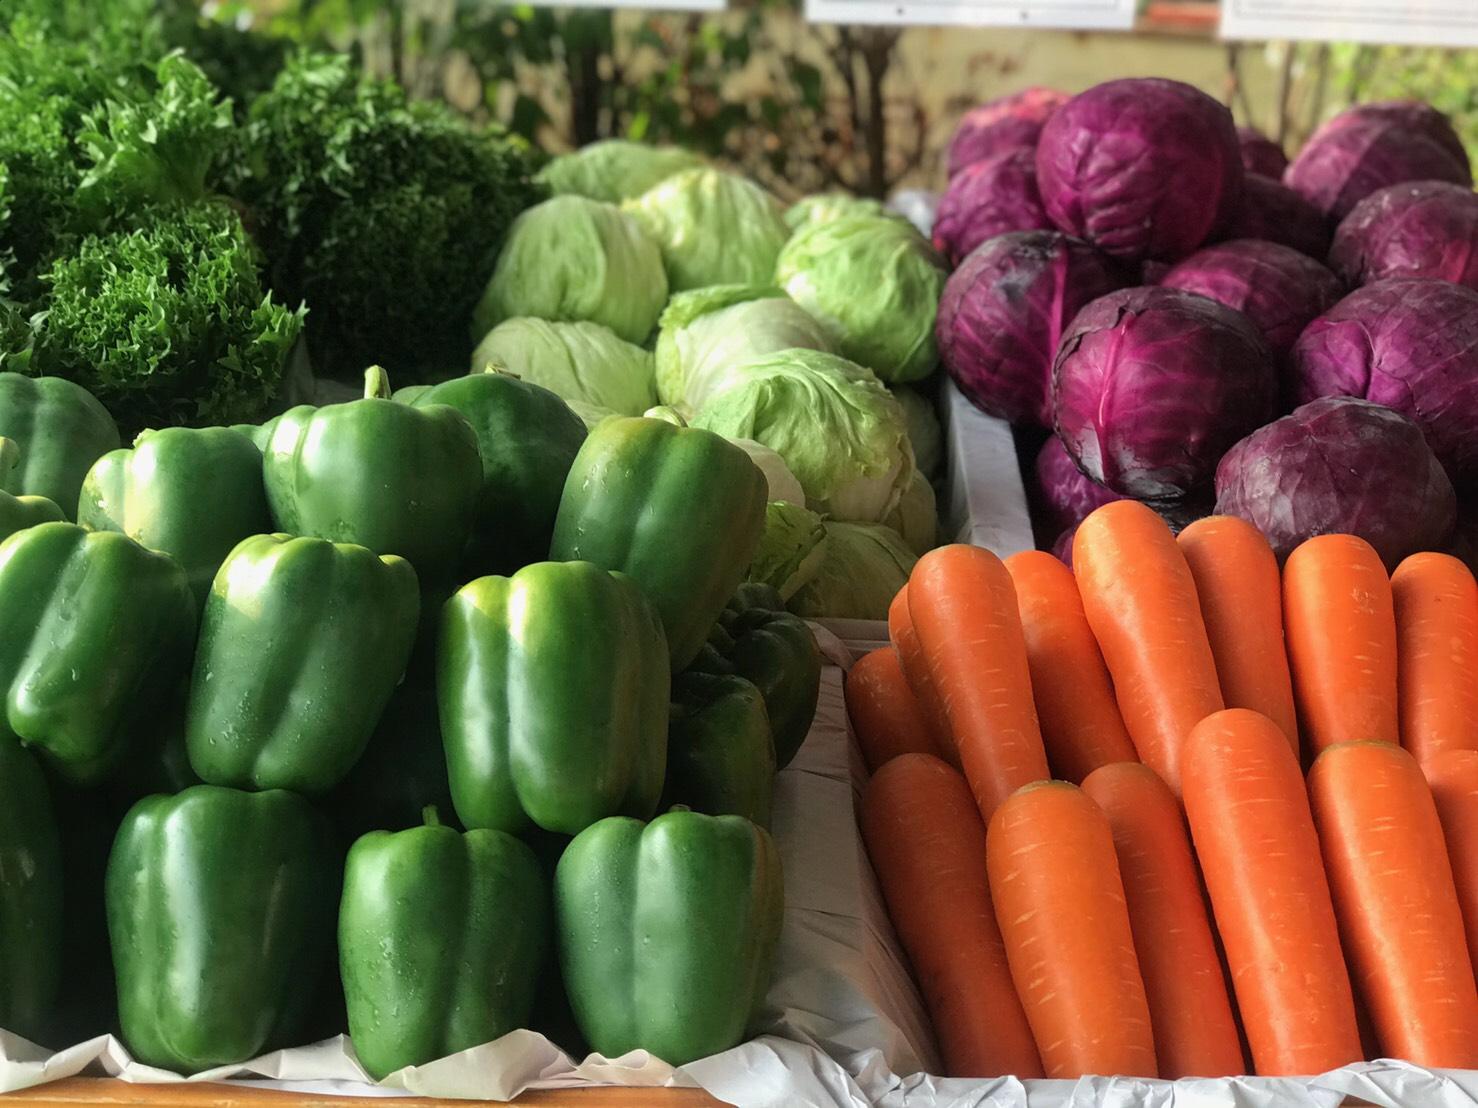 เกษตรฯ เตรียมรับมือ New Normal จากวิกฤตโควิด-19 ดึง Big Data สร้างความเชื่อมั่นแหล่งอาหารสำคัญของประเทศ